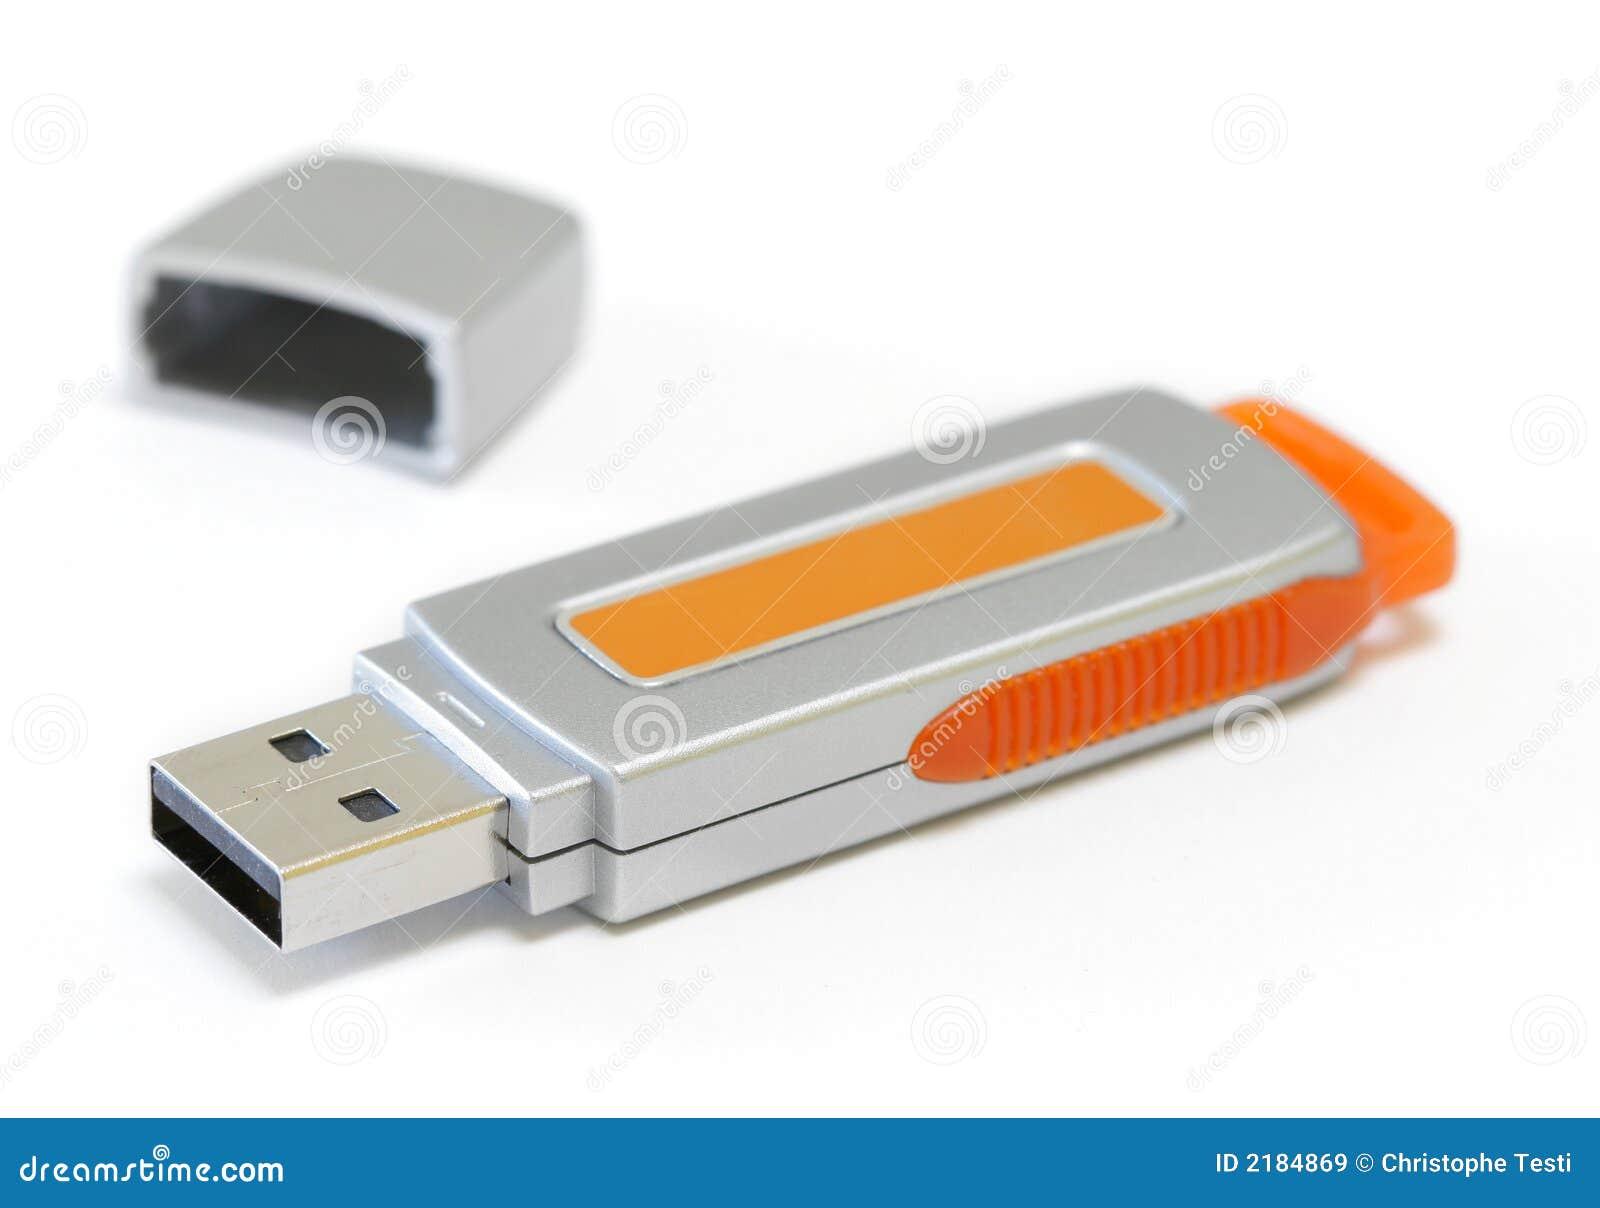 USB key isolated on white